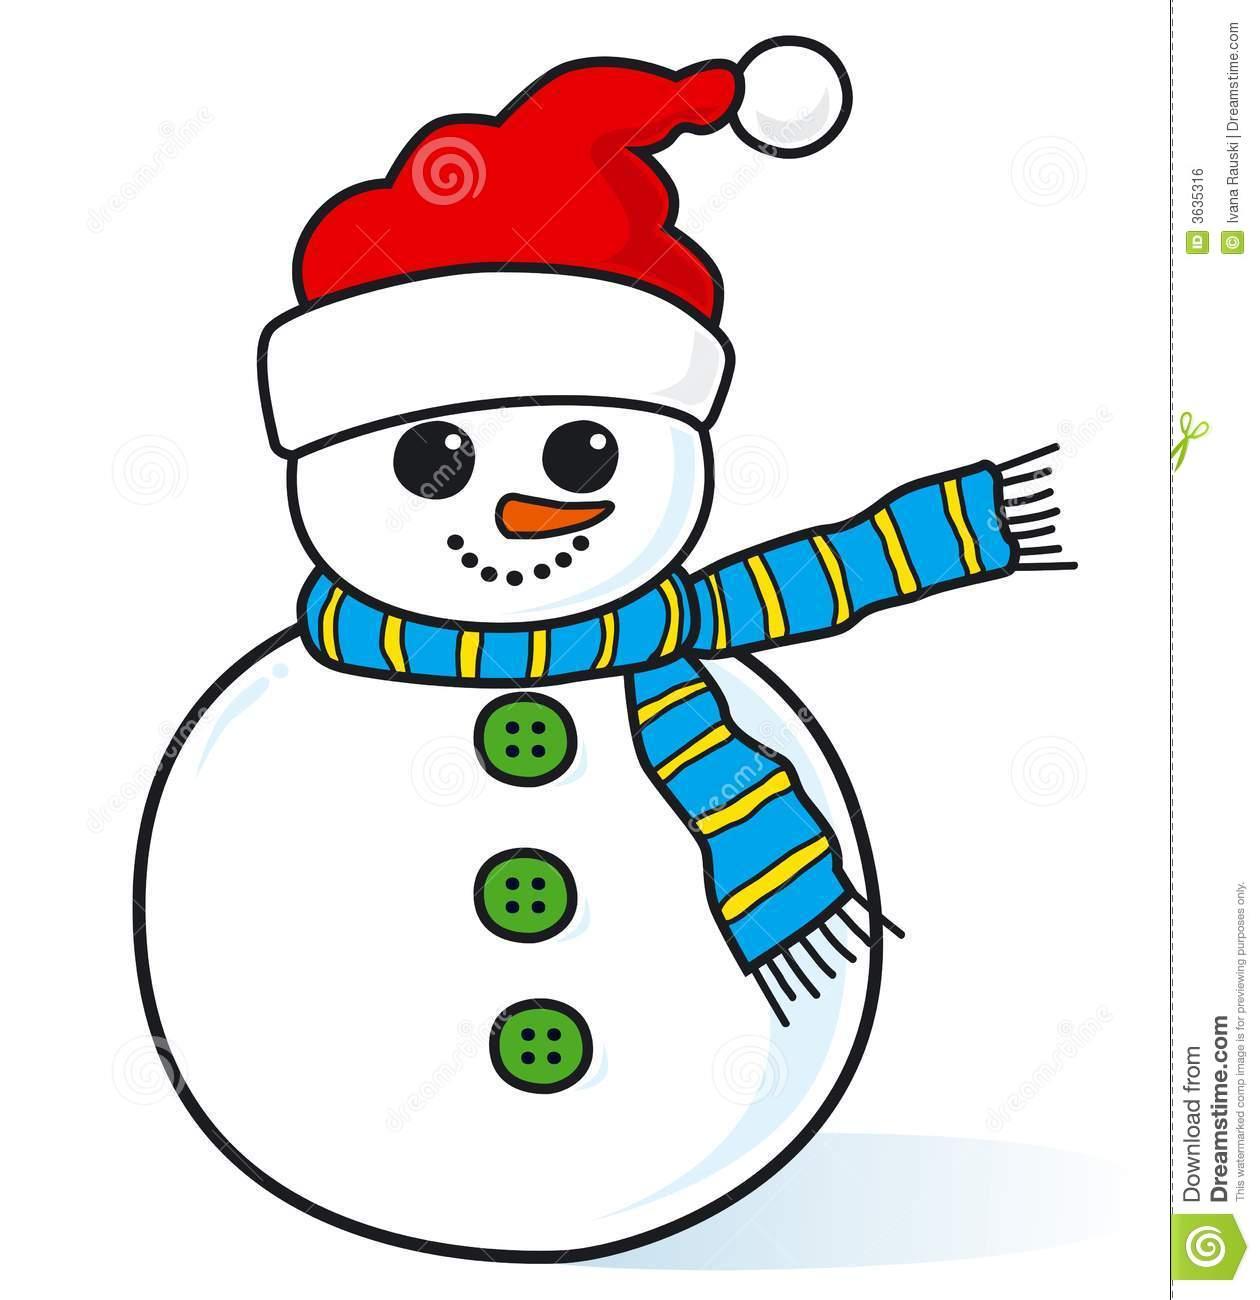 1260x1300 Smile Snowman Clipart, Explore Pictures